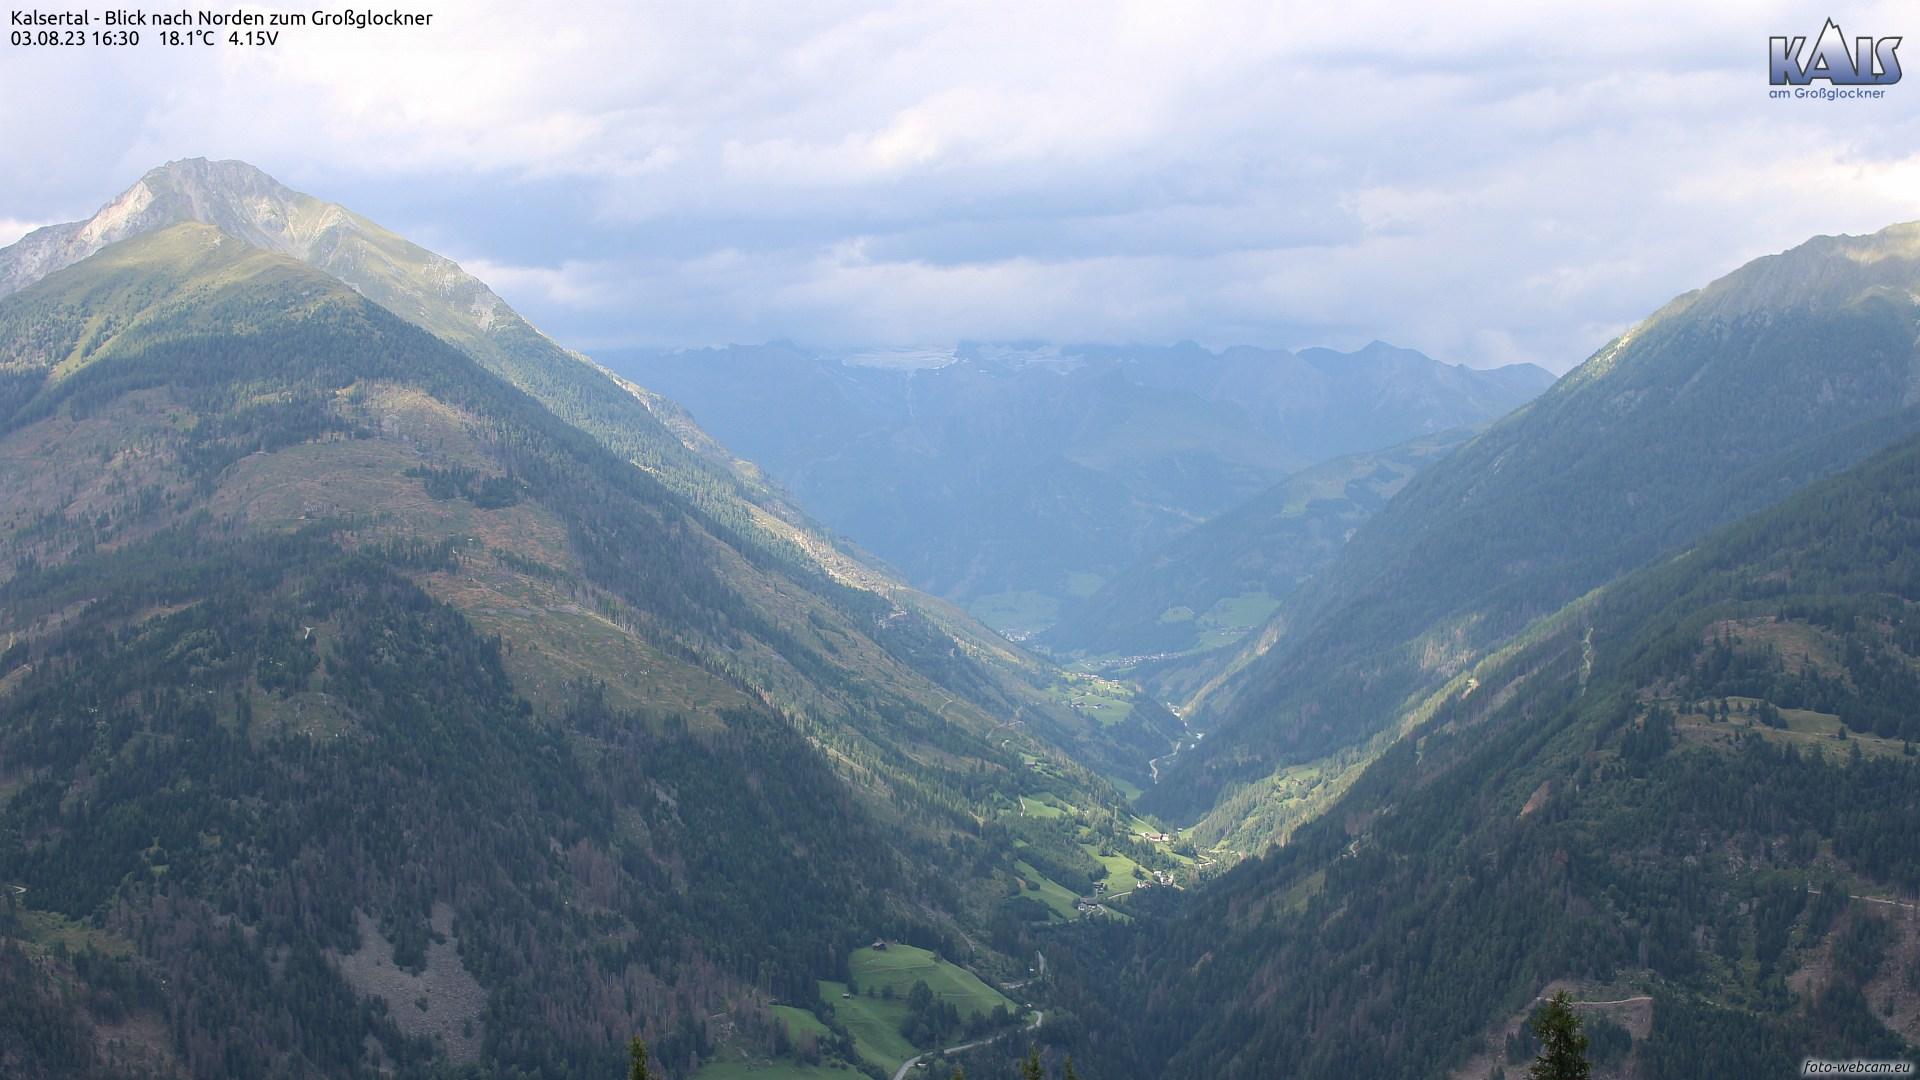 Webcam Kalsertal mit Blick nach Norden zum Großglockner | © www.foto-webcam.eu